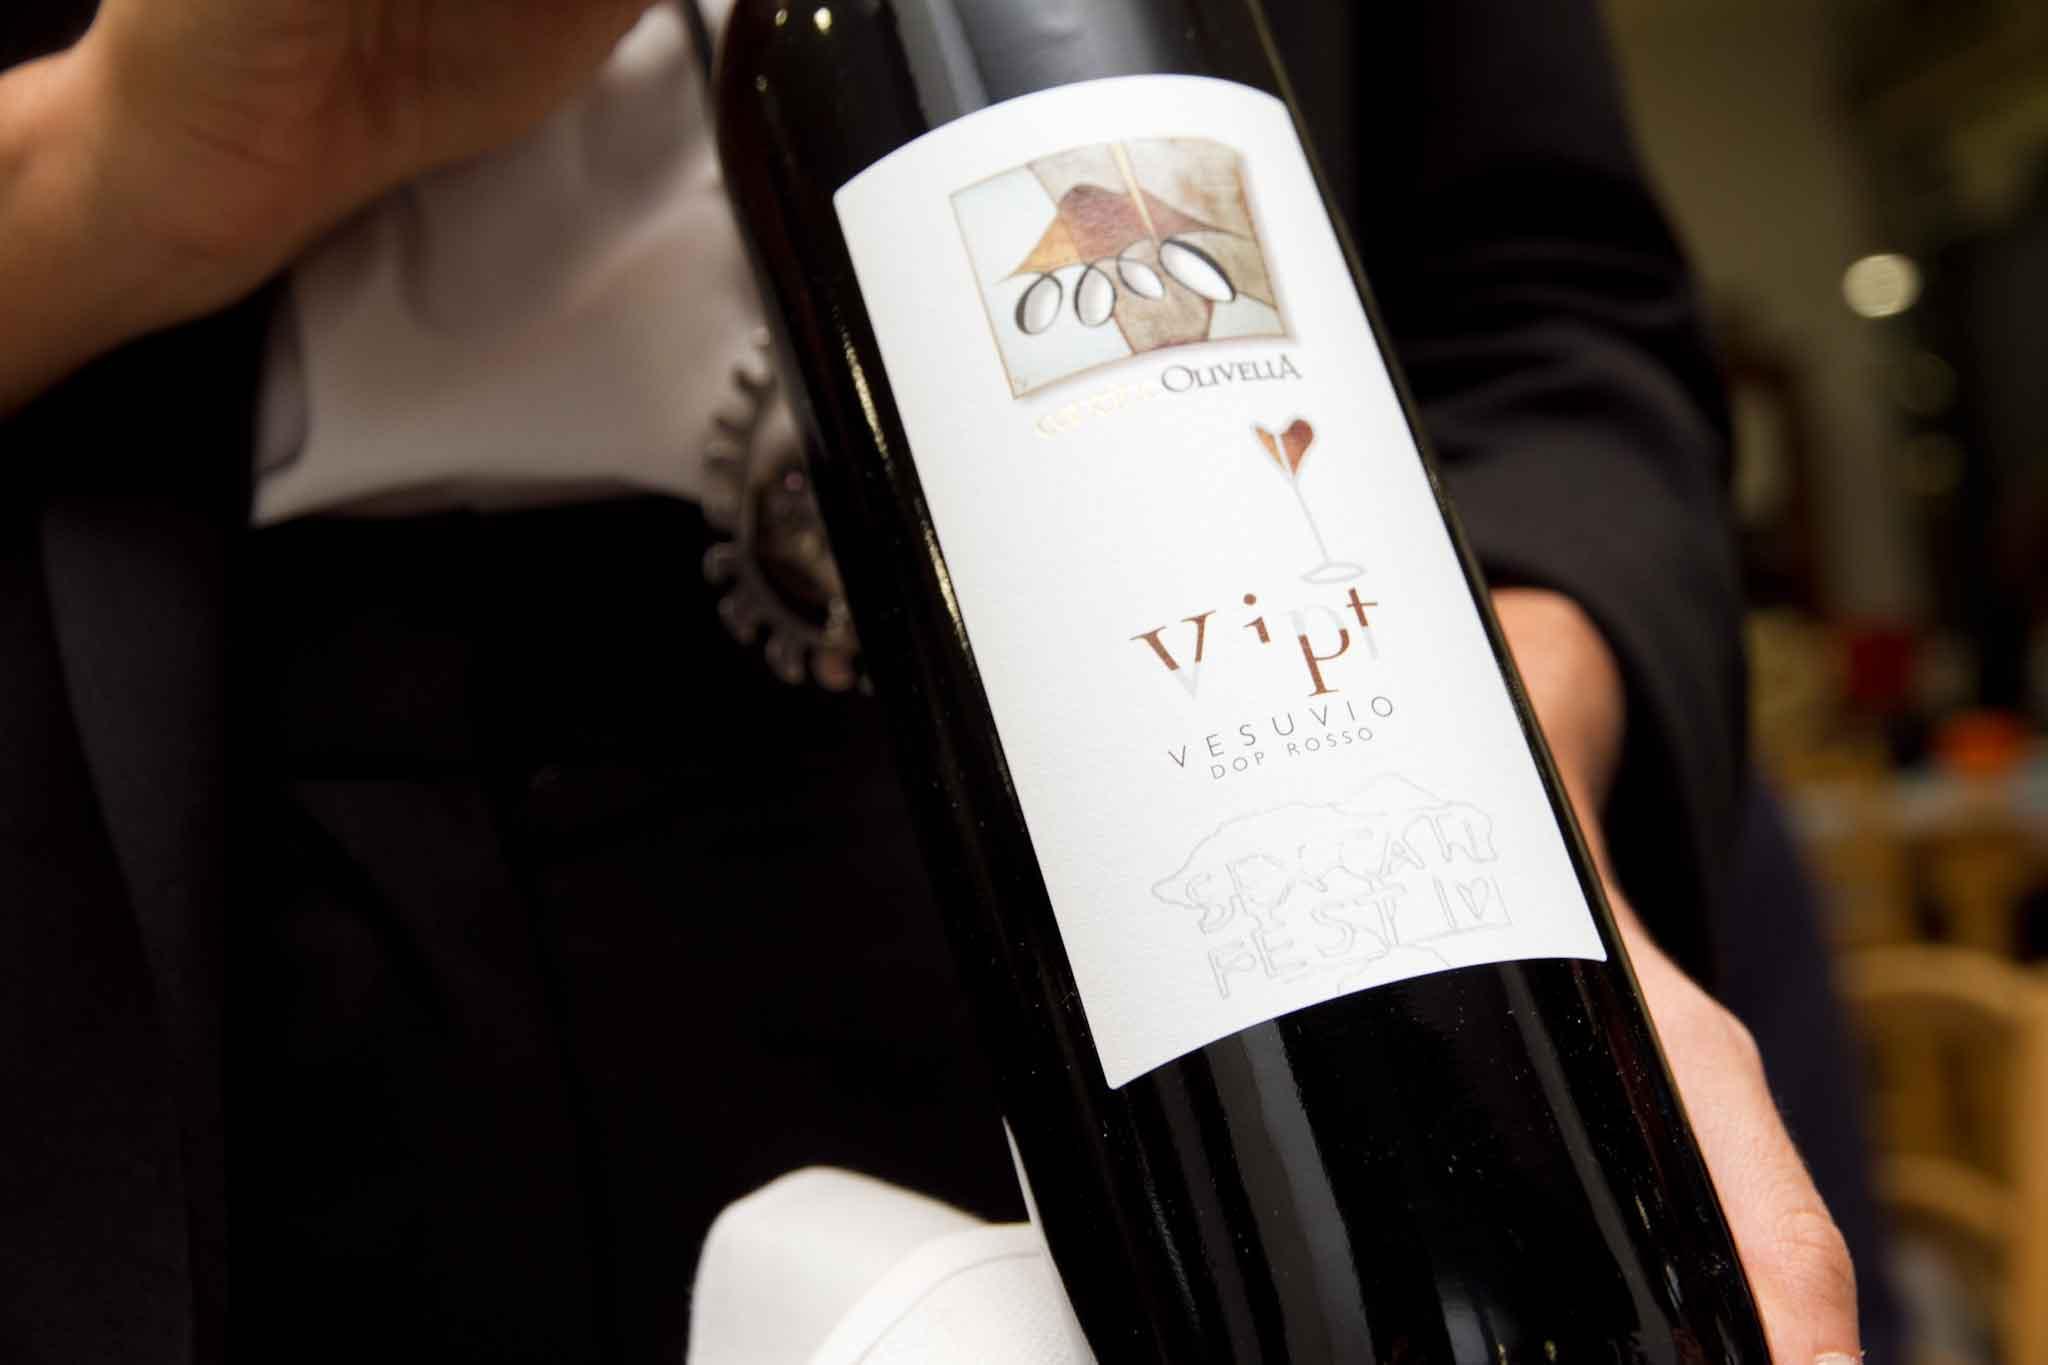 vesuvio-rosso-cantine-olivella